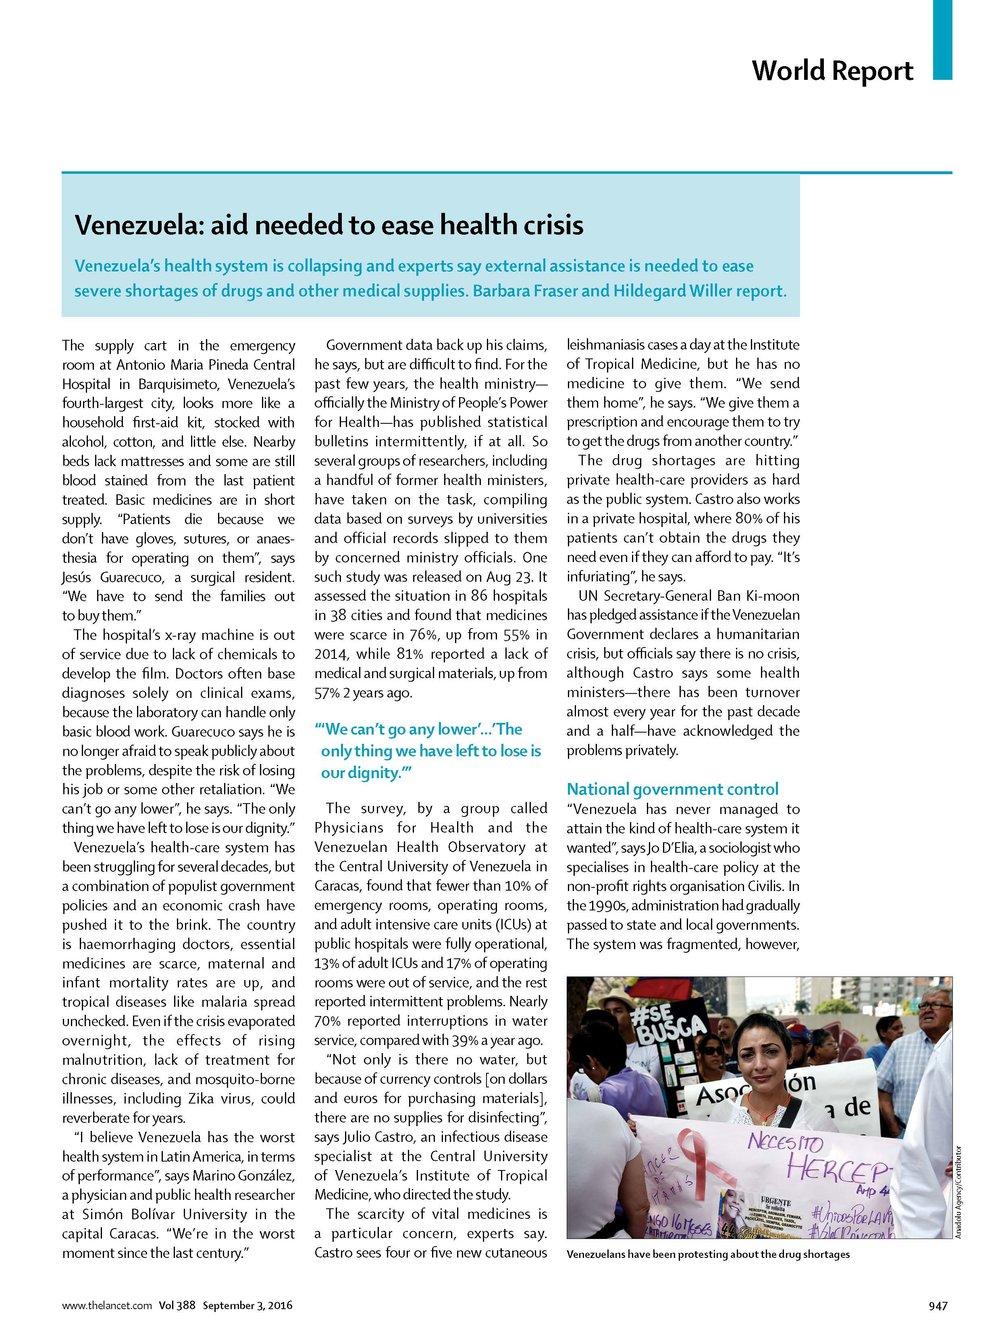 LANCET 2016_CRISIS DE SALUD EN VENEZUELA_Page_1.jpg